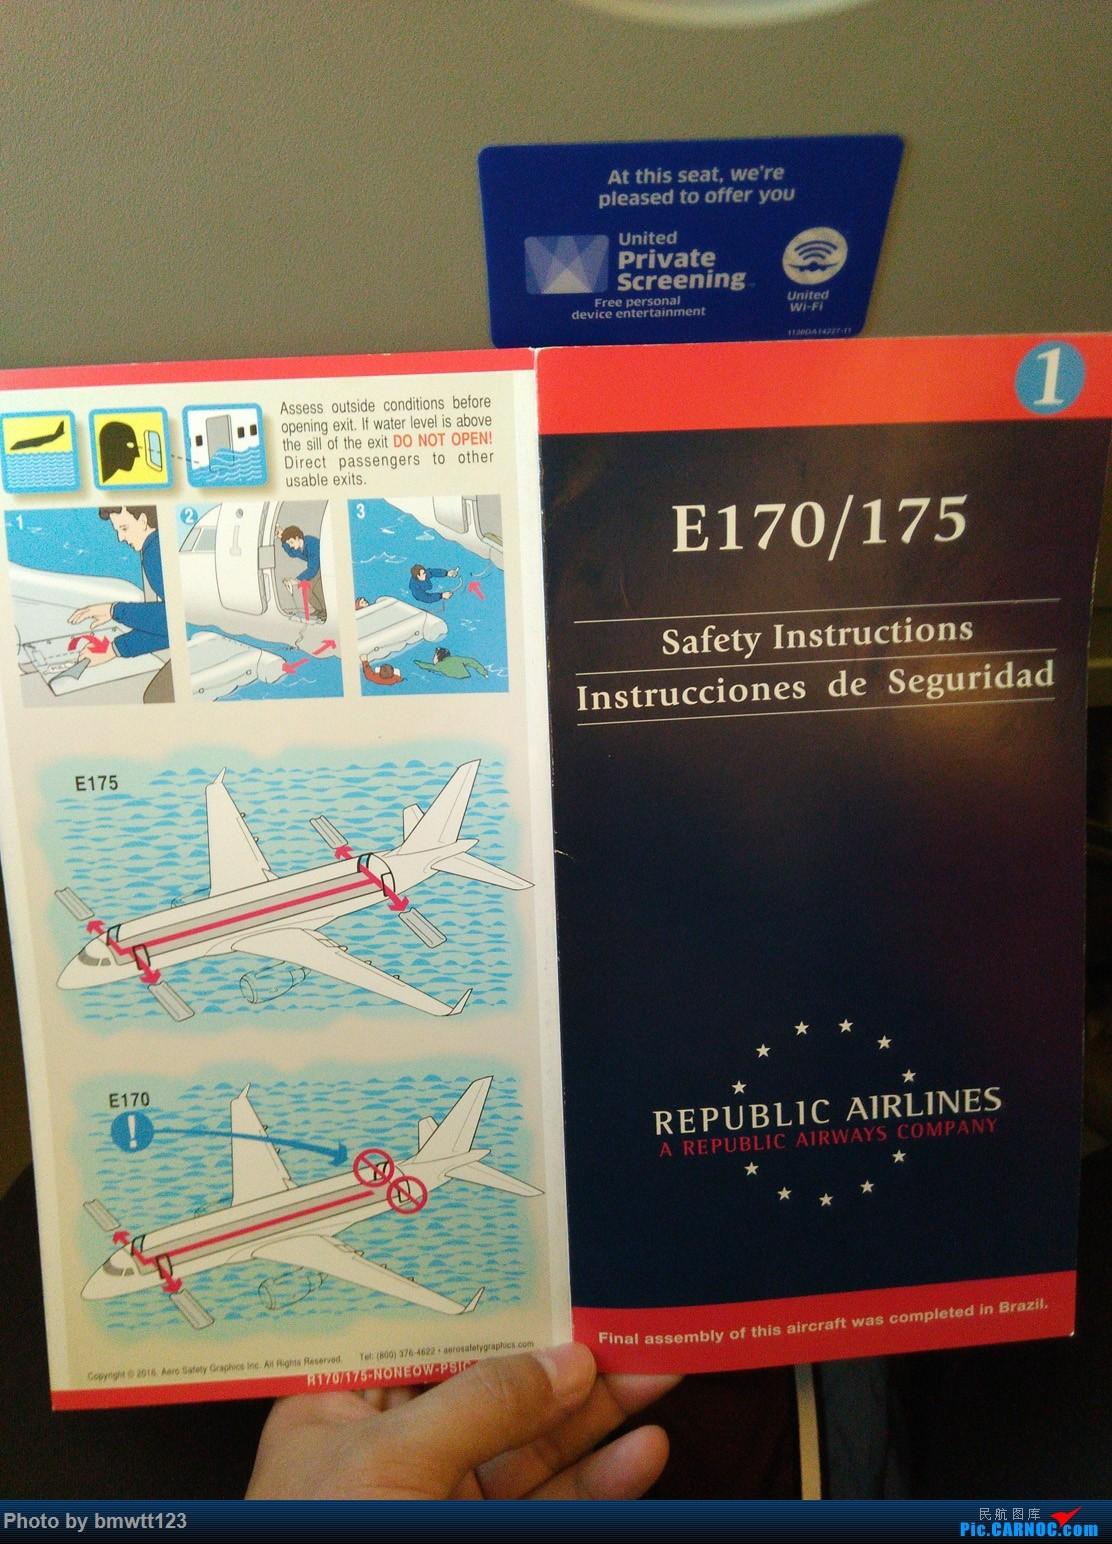 Re:[原创]【ORD芝加哥】迟来的美国游记之芝加哥转机,碴图谨入 ERJ-170 N633RW 芝加哥奥黑尔国际机场